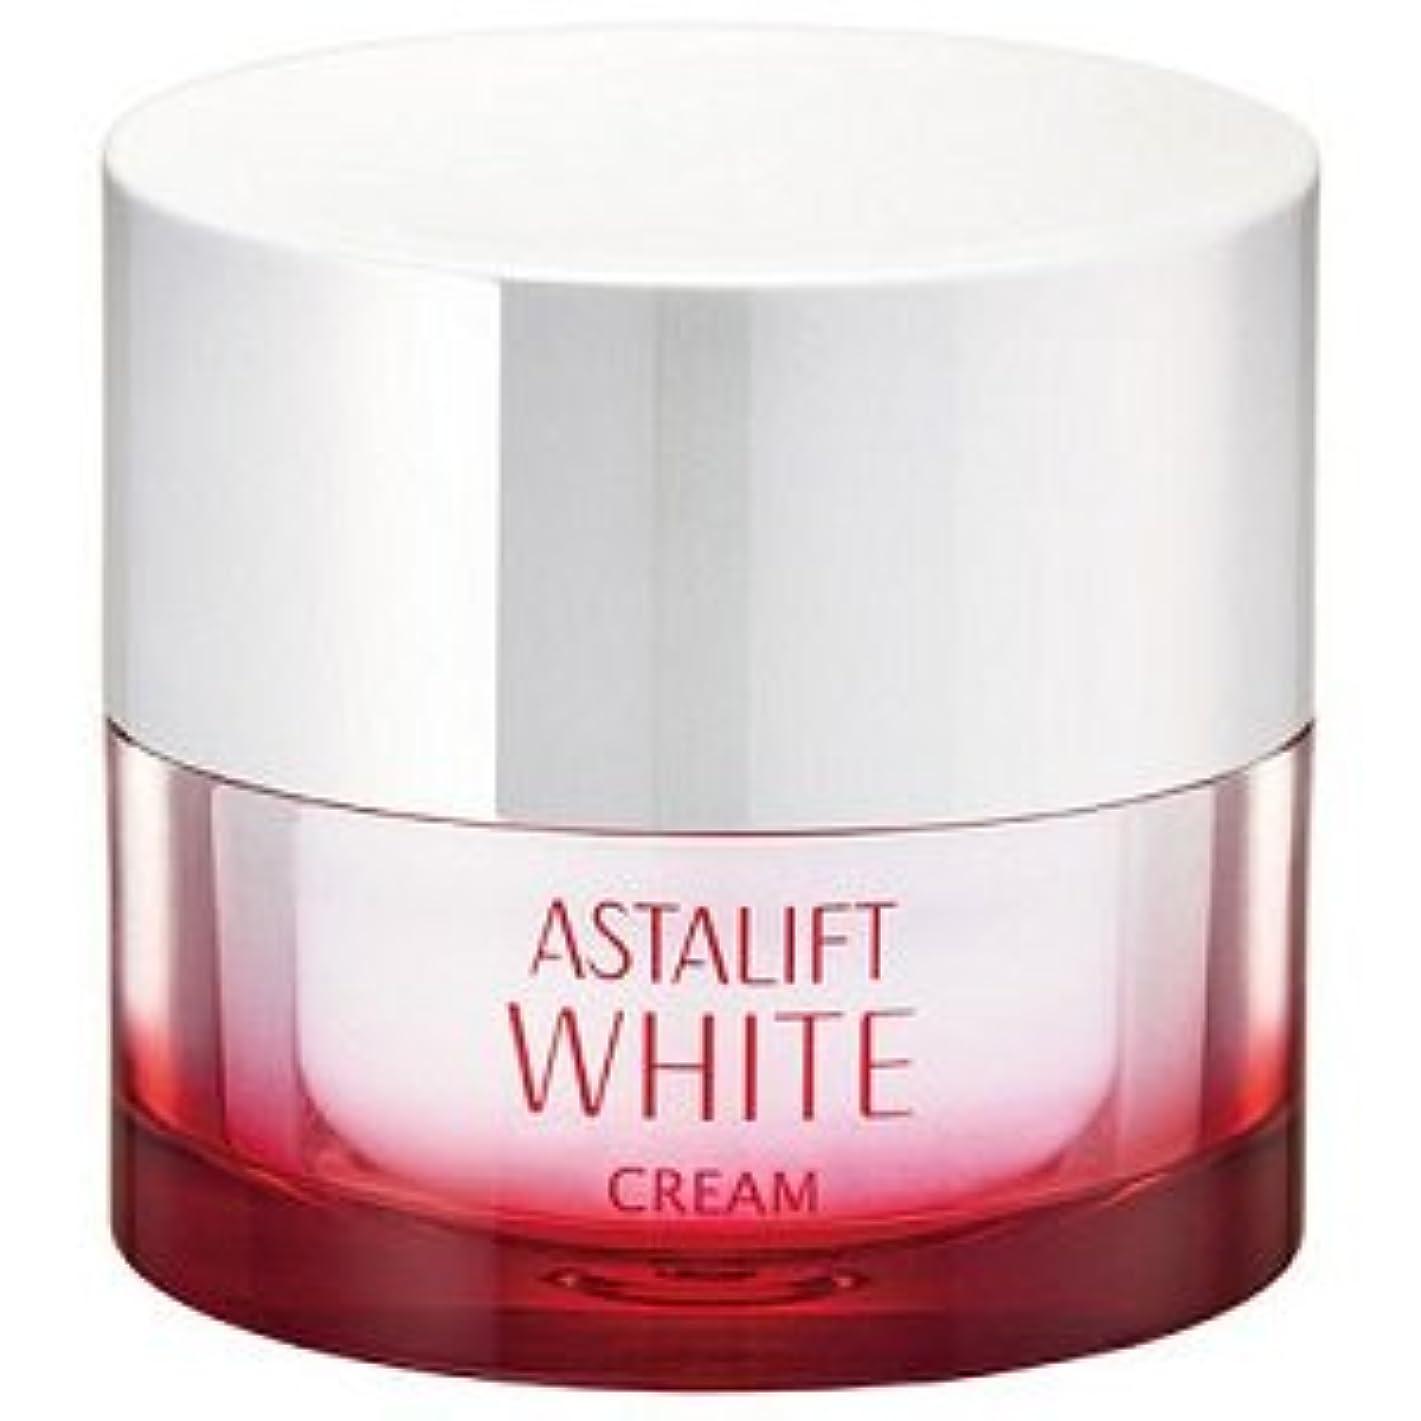 レイ教科書キモいASTALIFT(アスタリフト) ホワイト クリーム(美白クリーム) 30g